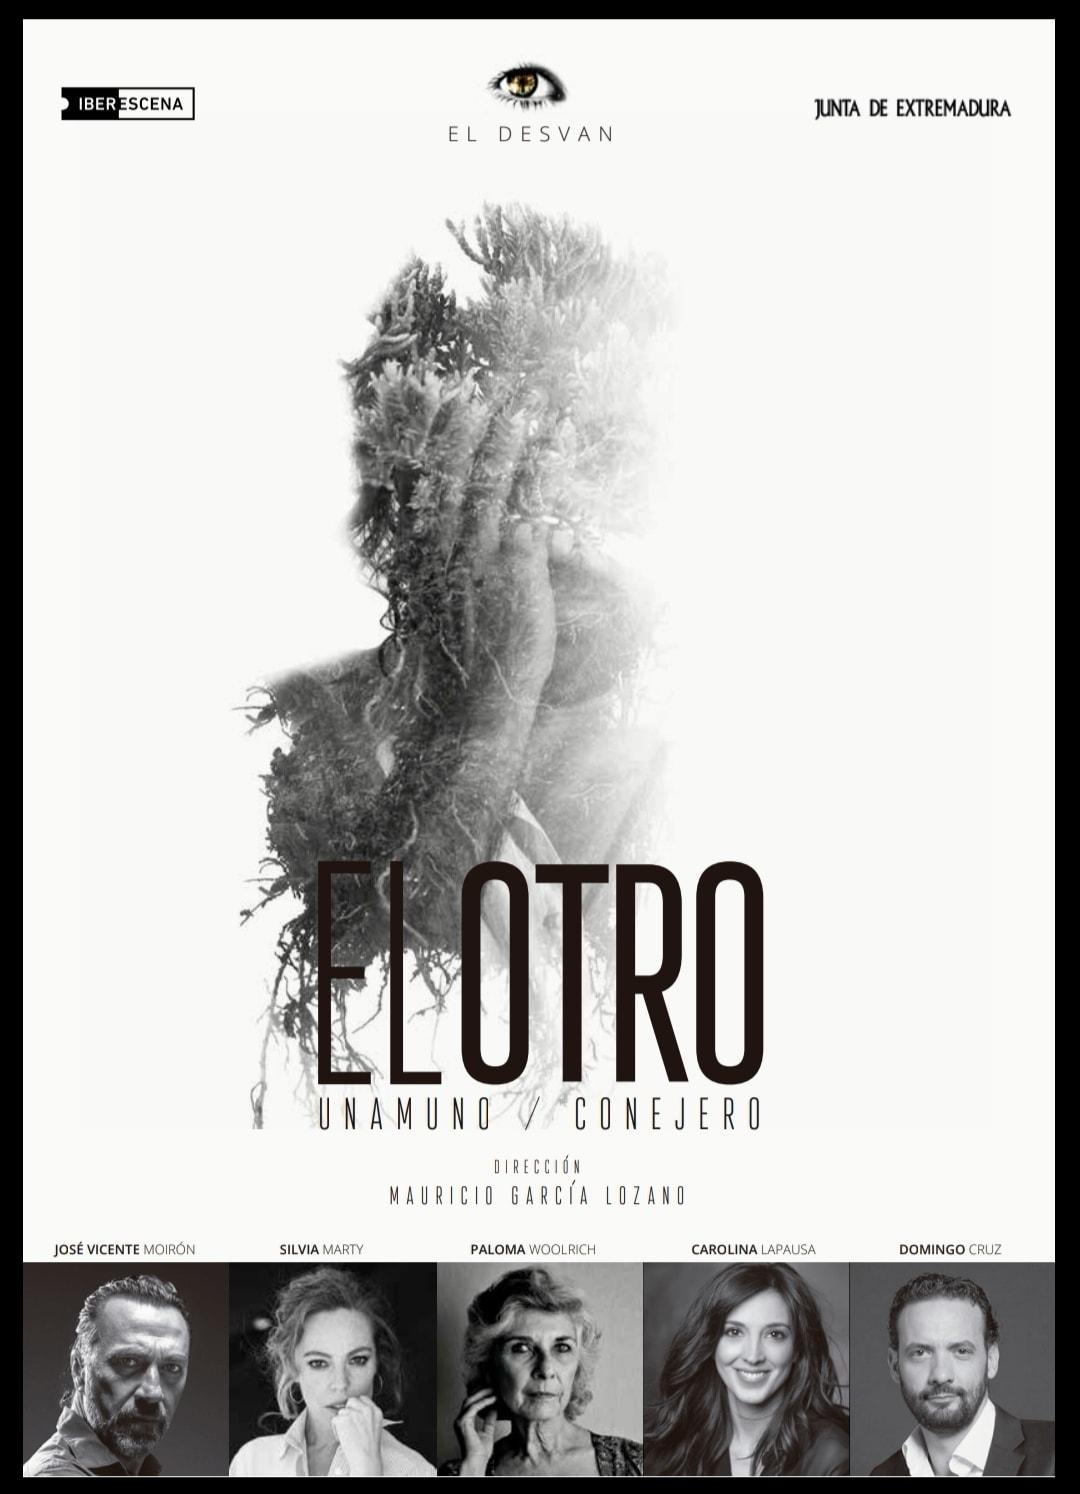 'El otro' Unamuno/Conejero || Teatro